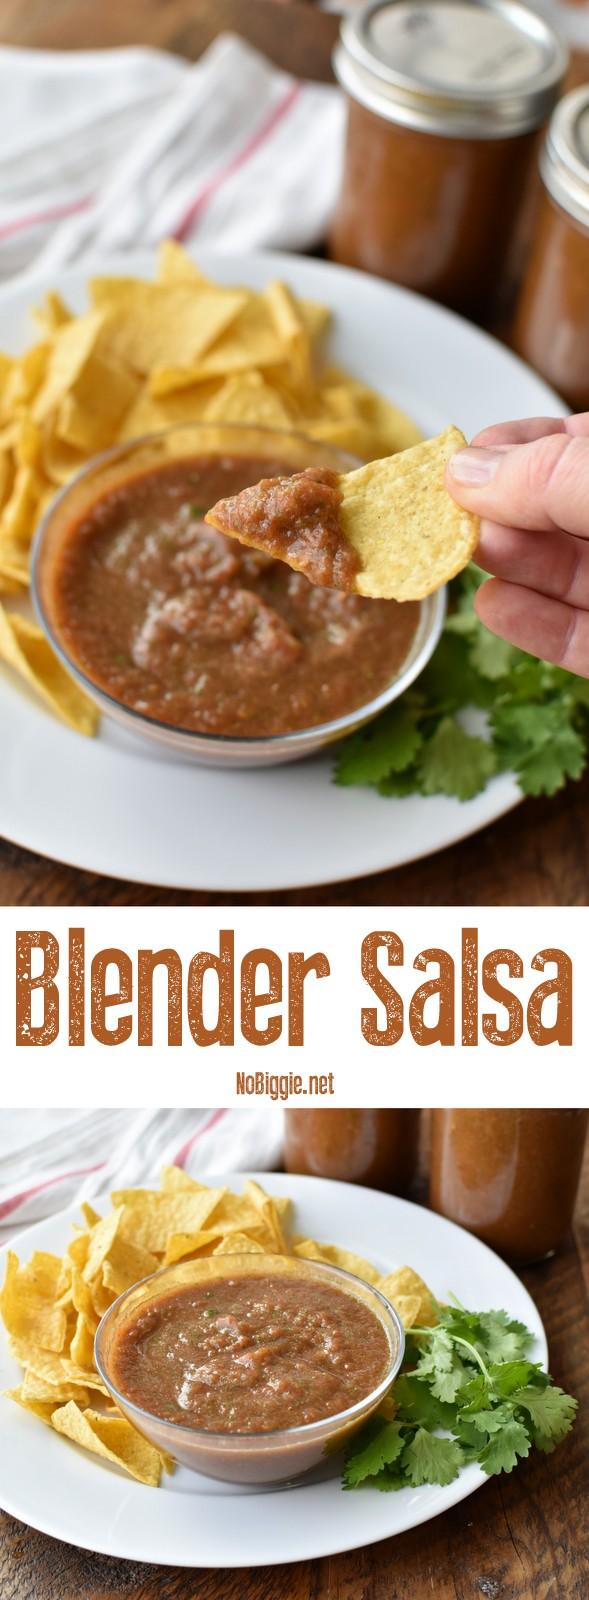 blender salsa | so good and so easy! | NoBiggie.net